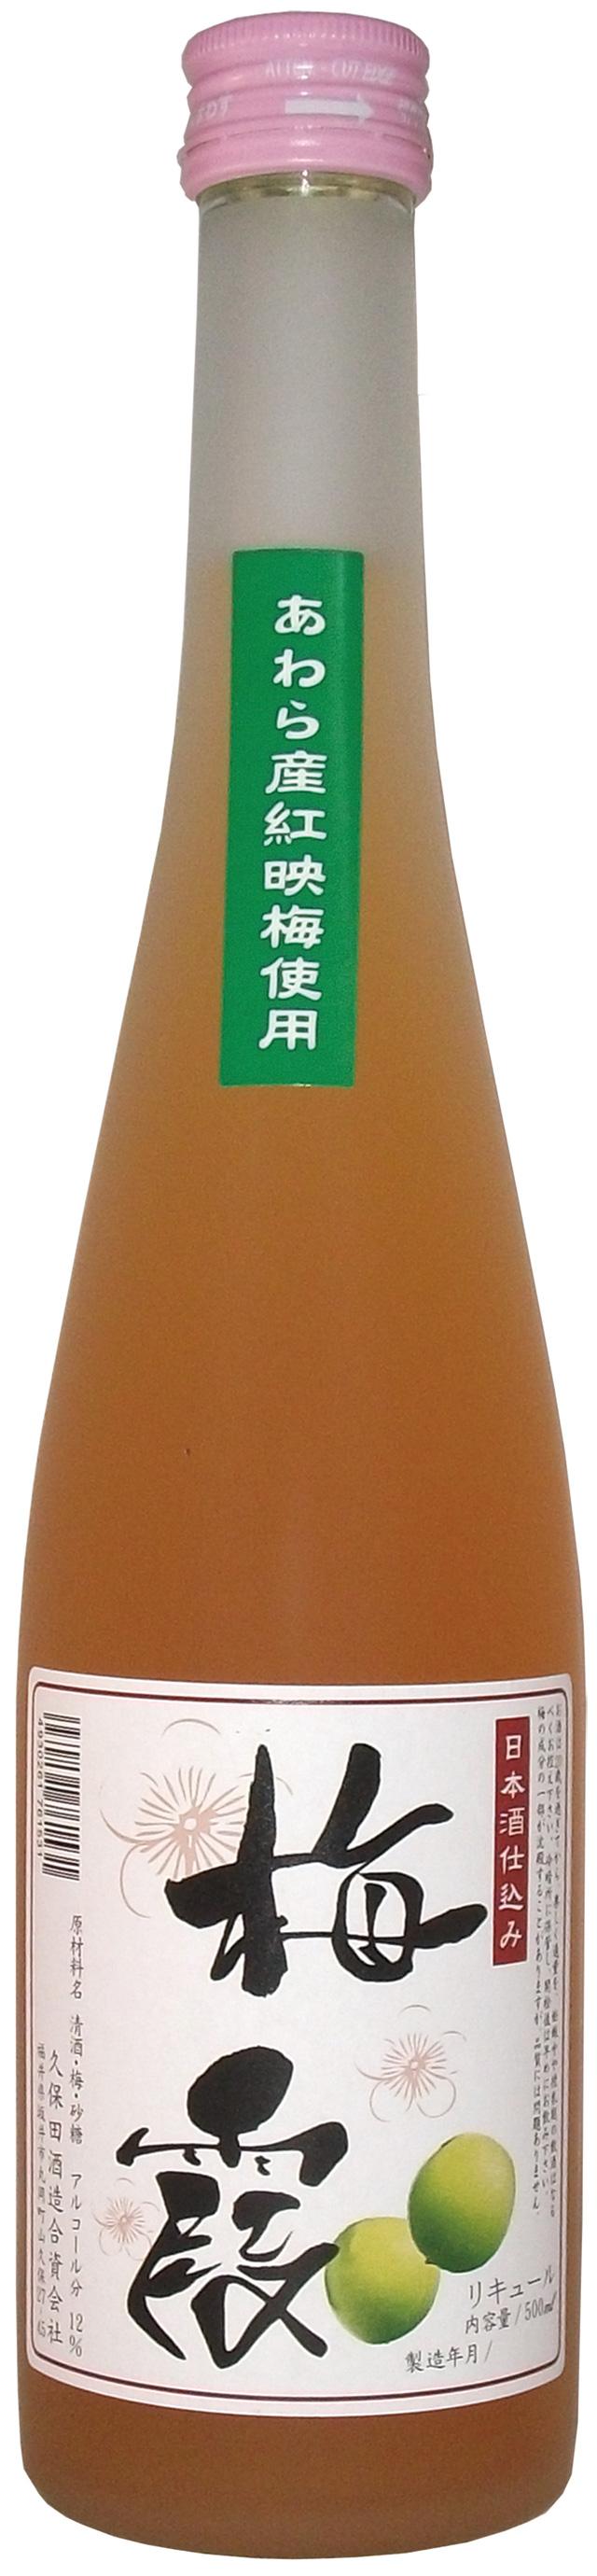 fukui_post13